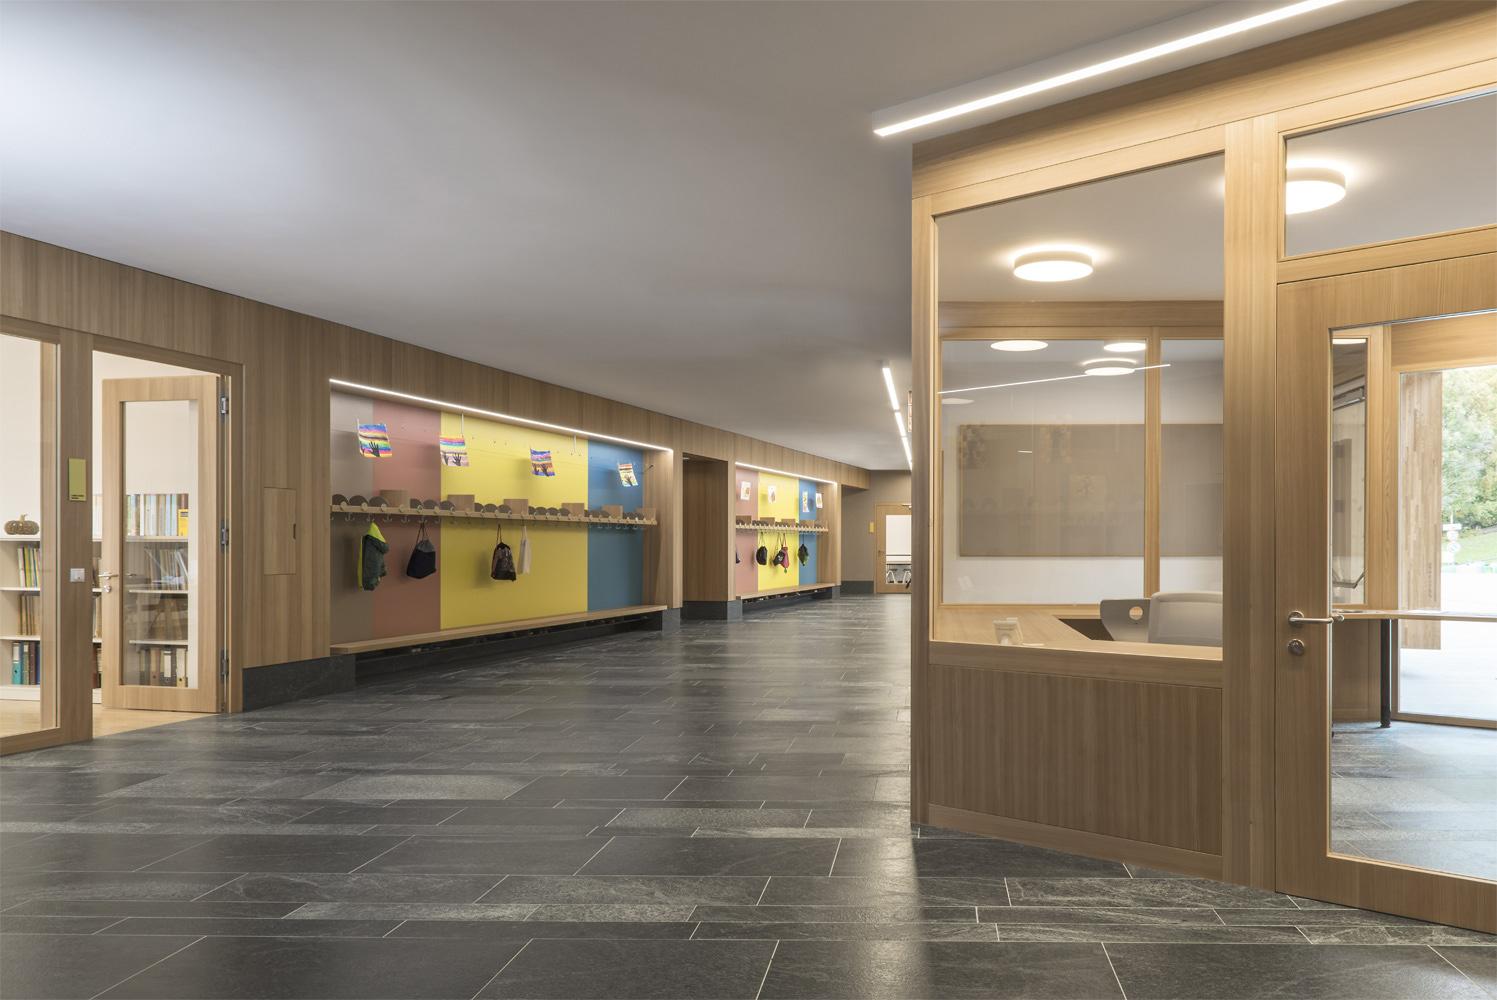 Elementary School - warm interiors Oliver Jaist